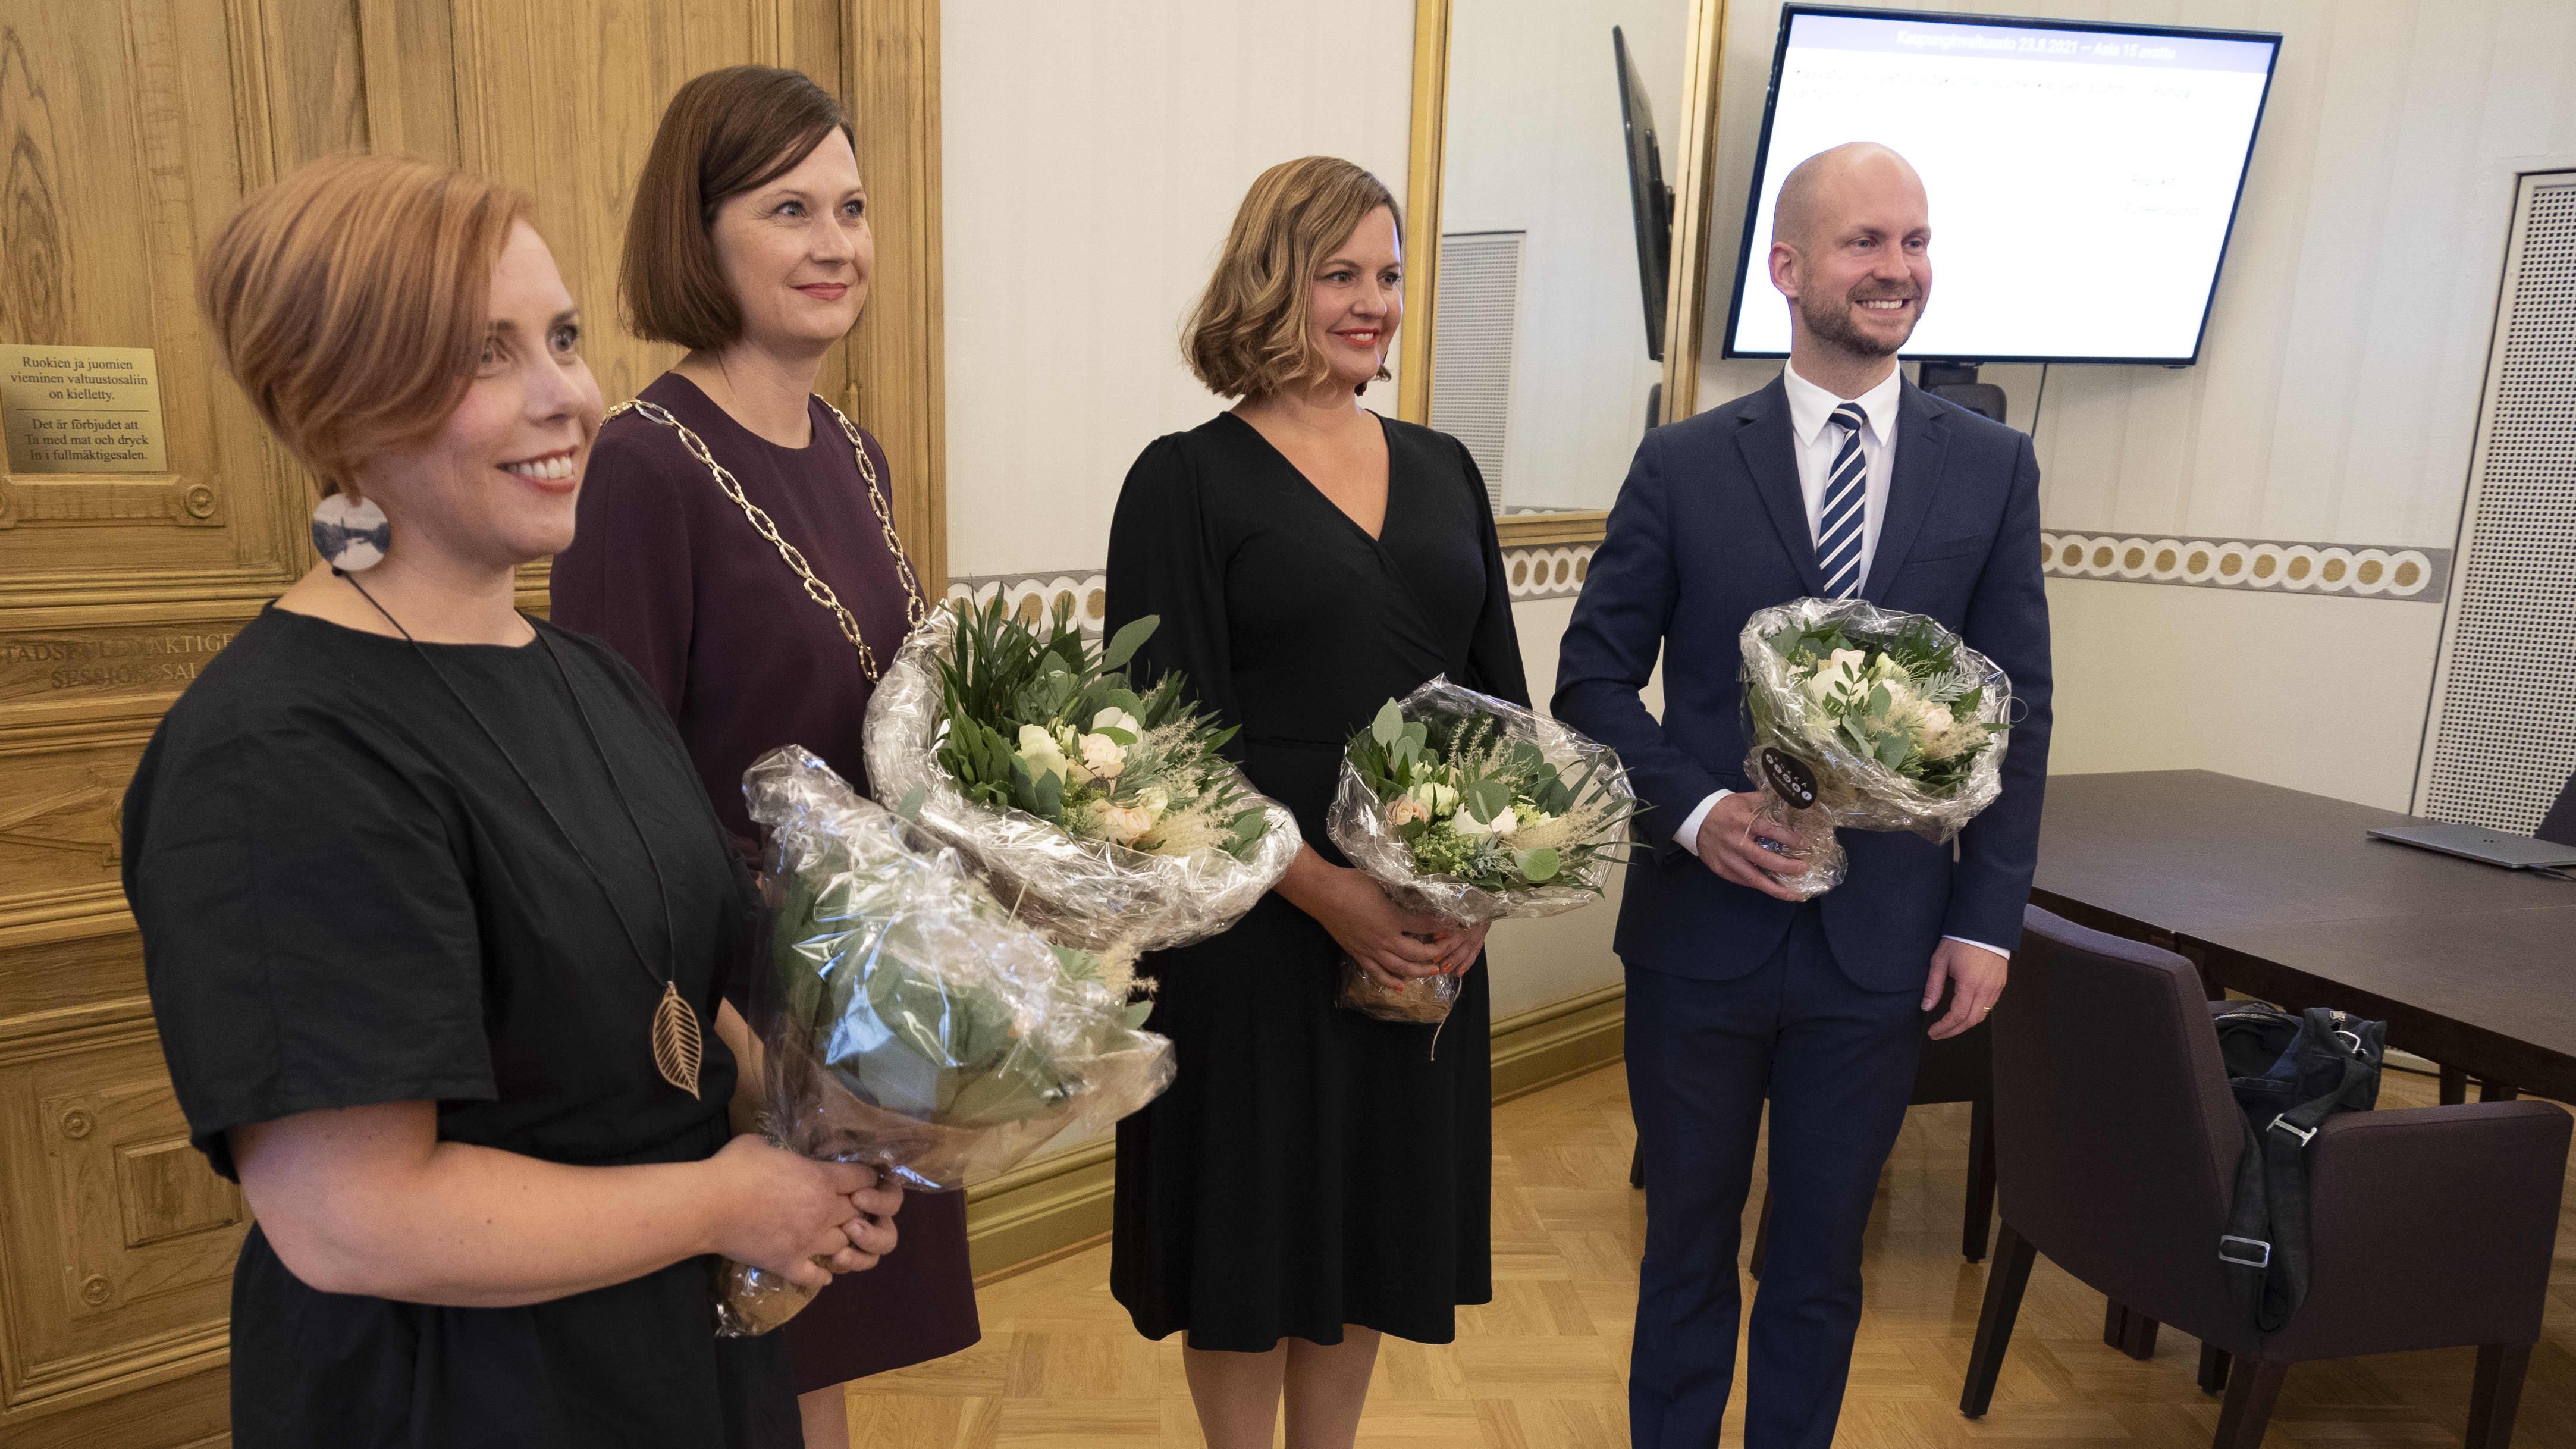 Turun pormestari ja varapormestarit yhteiskuvassa valinnan jälkeen.